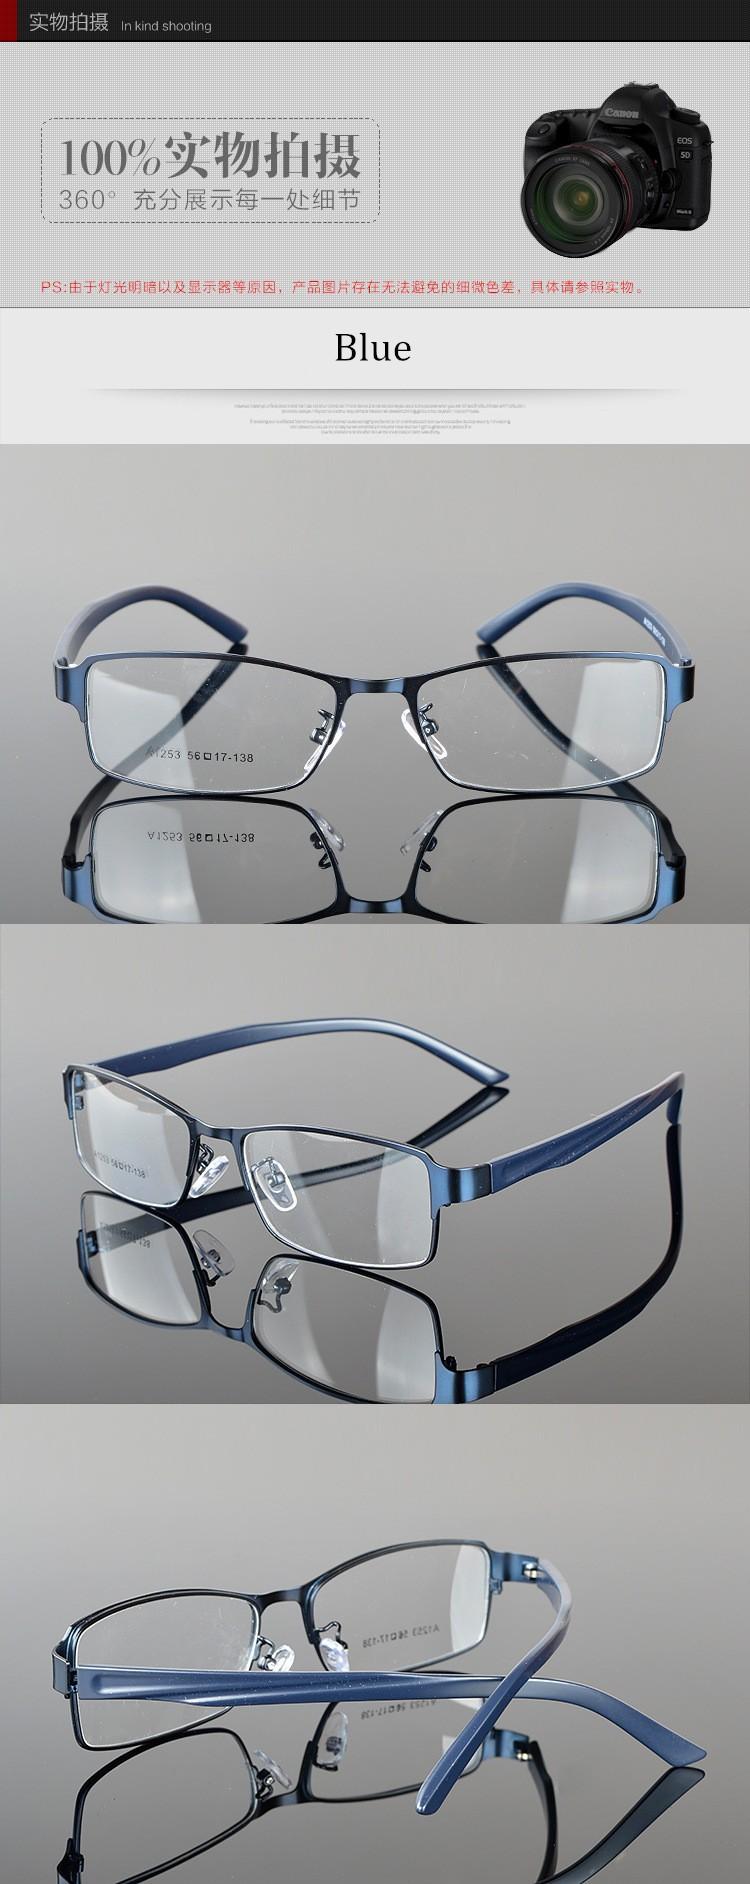 Chashma Marca Homens Full Frame Óculos Moda Prescrição Óptica Armações de  Óculos de Lente Clara Óculos Masculino 2017 Nova Chegada 12f87ea759